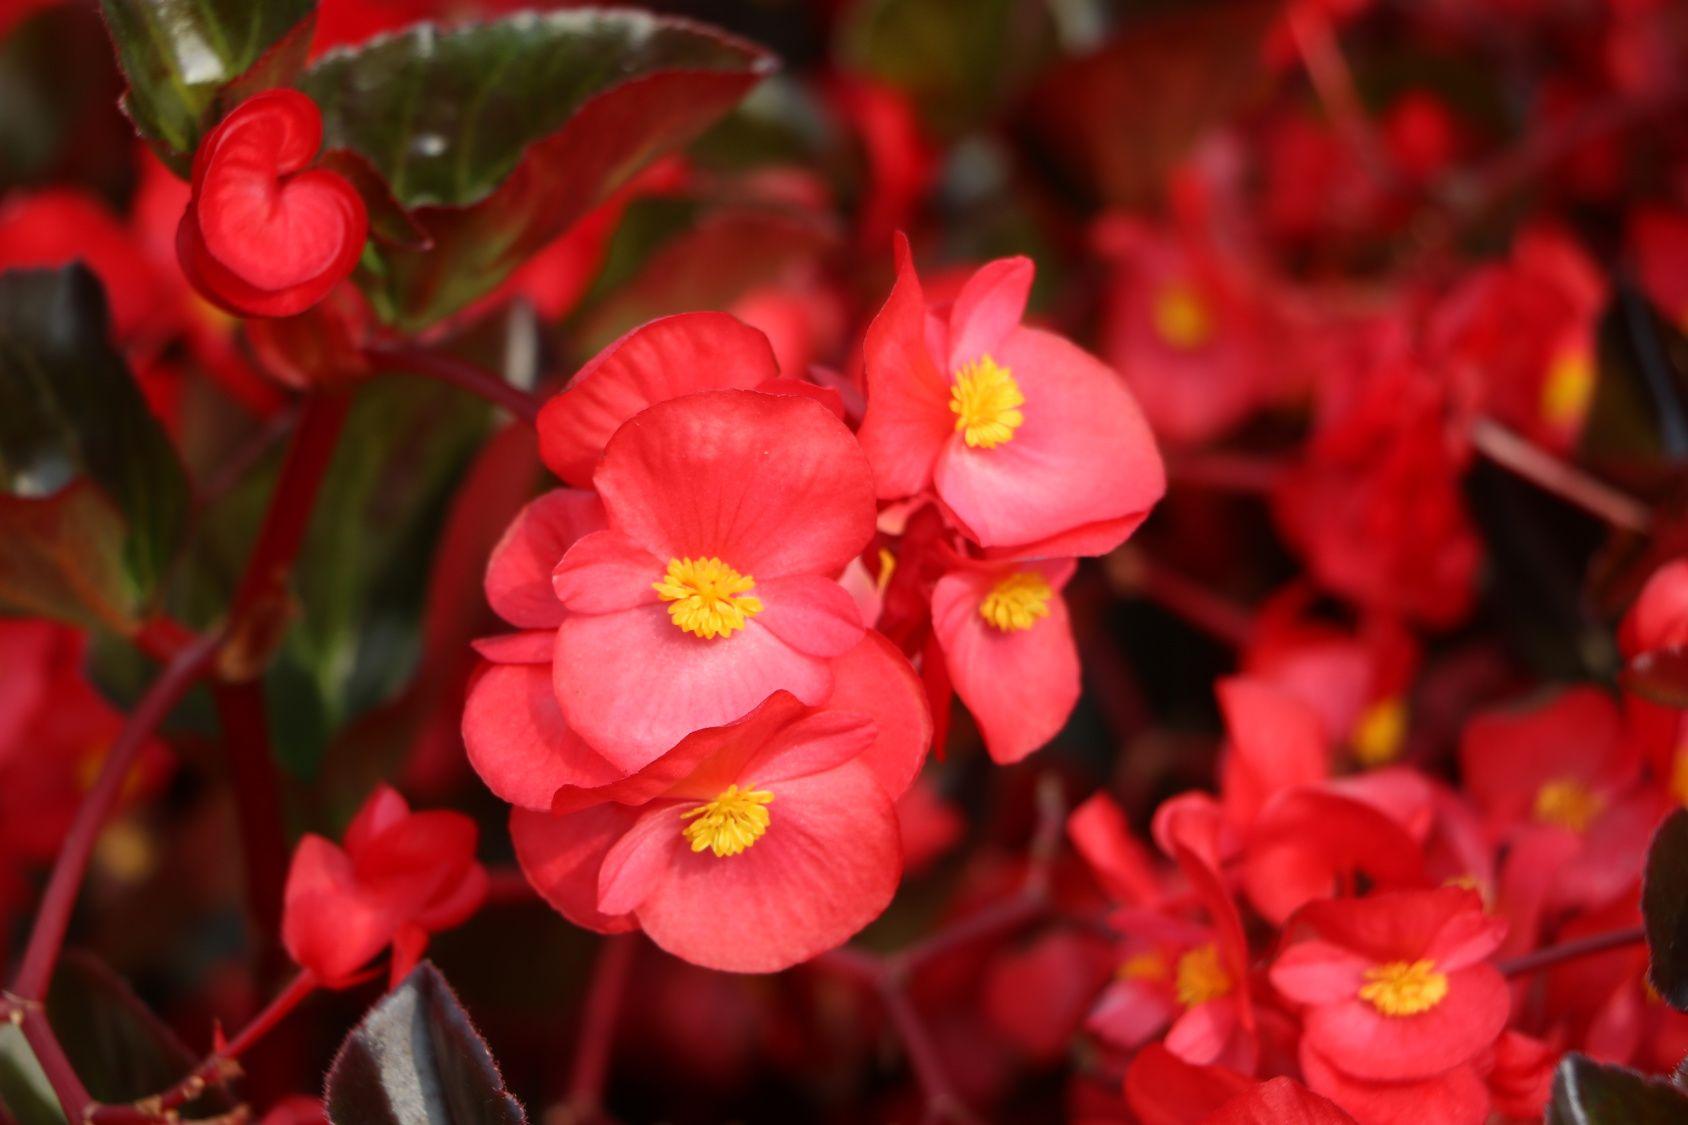 Jakie Kwiaty Kwitna Jesienia Fall Flowers Flowers Plants